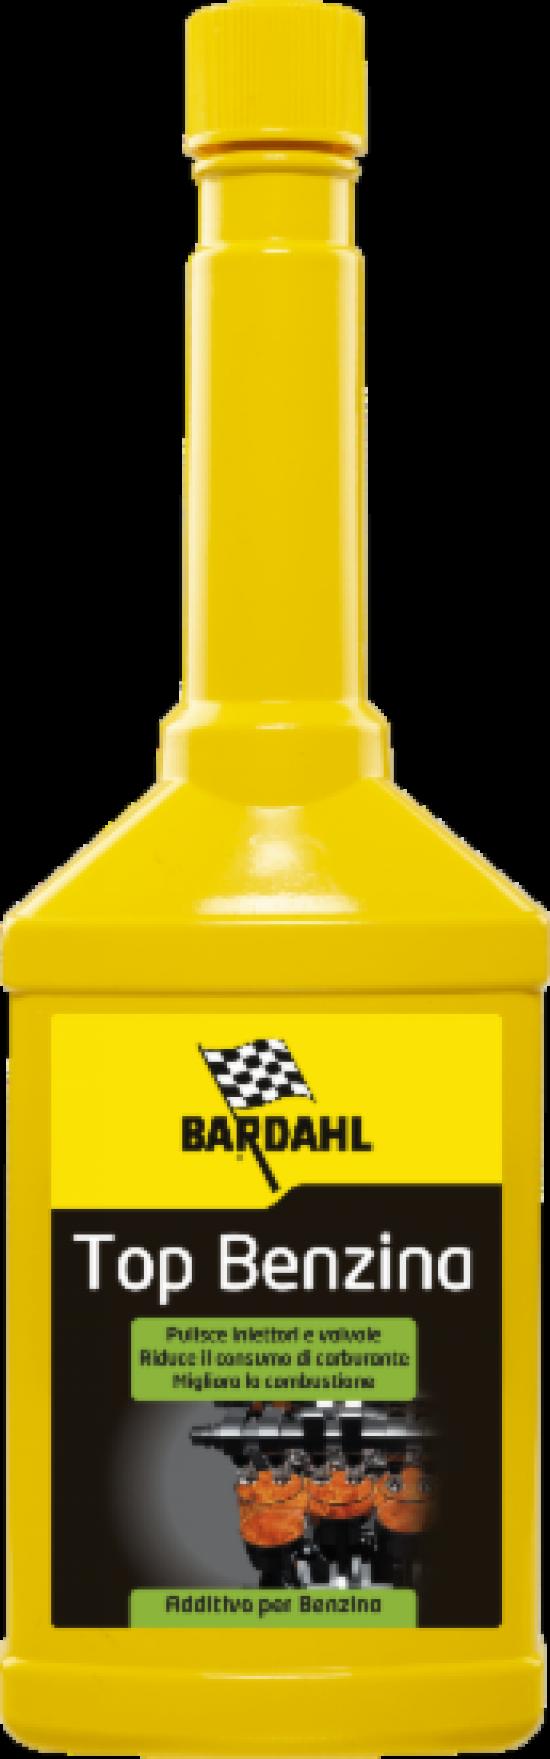 Bardahl TOP BENZINA